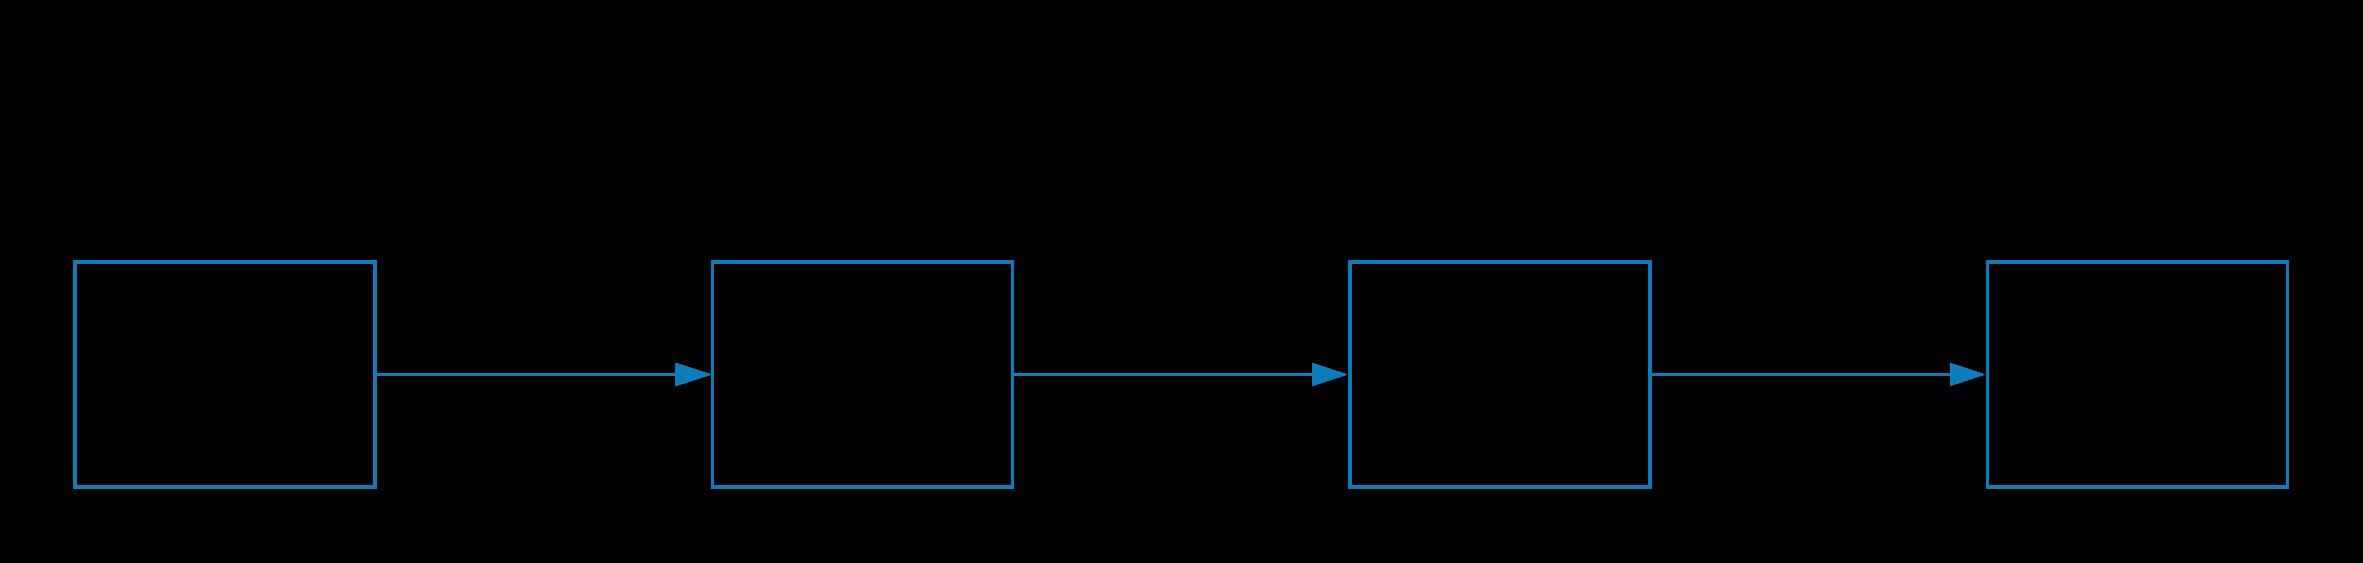 TrafiSense2 Process Chart